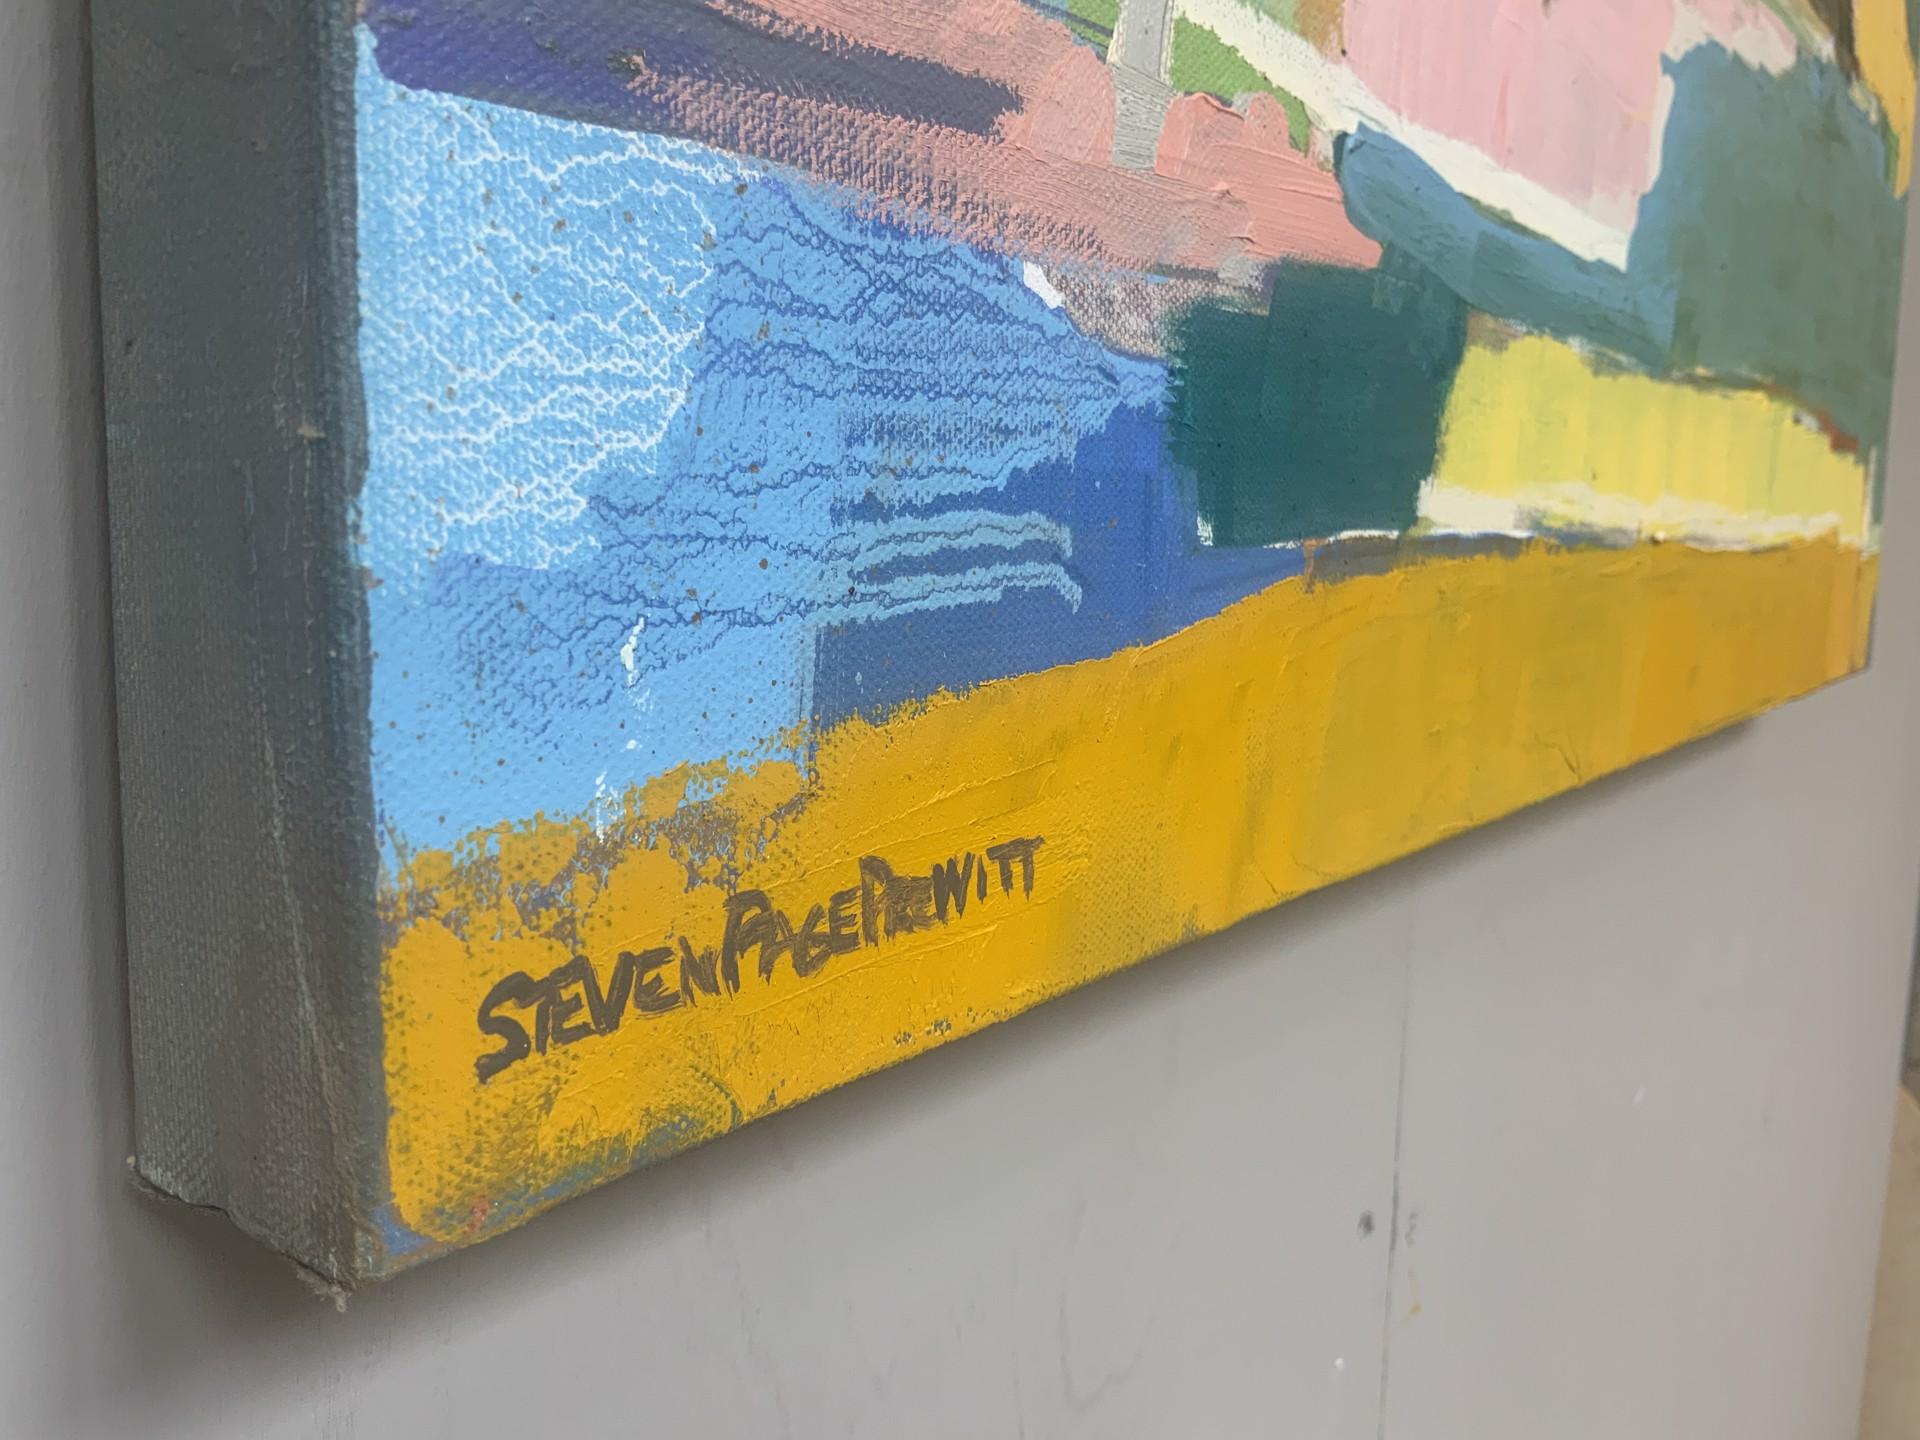 Intercoastal 1 by Steven Page Prewitt